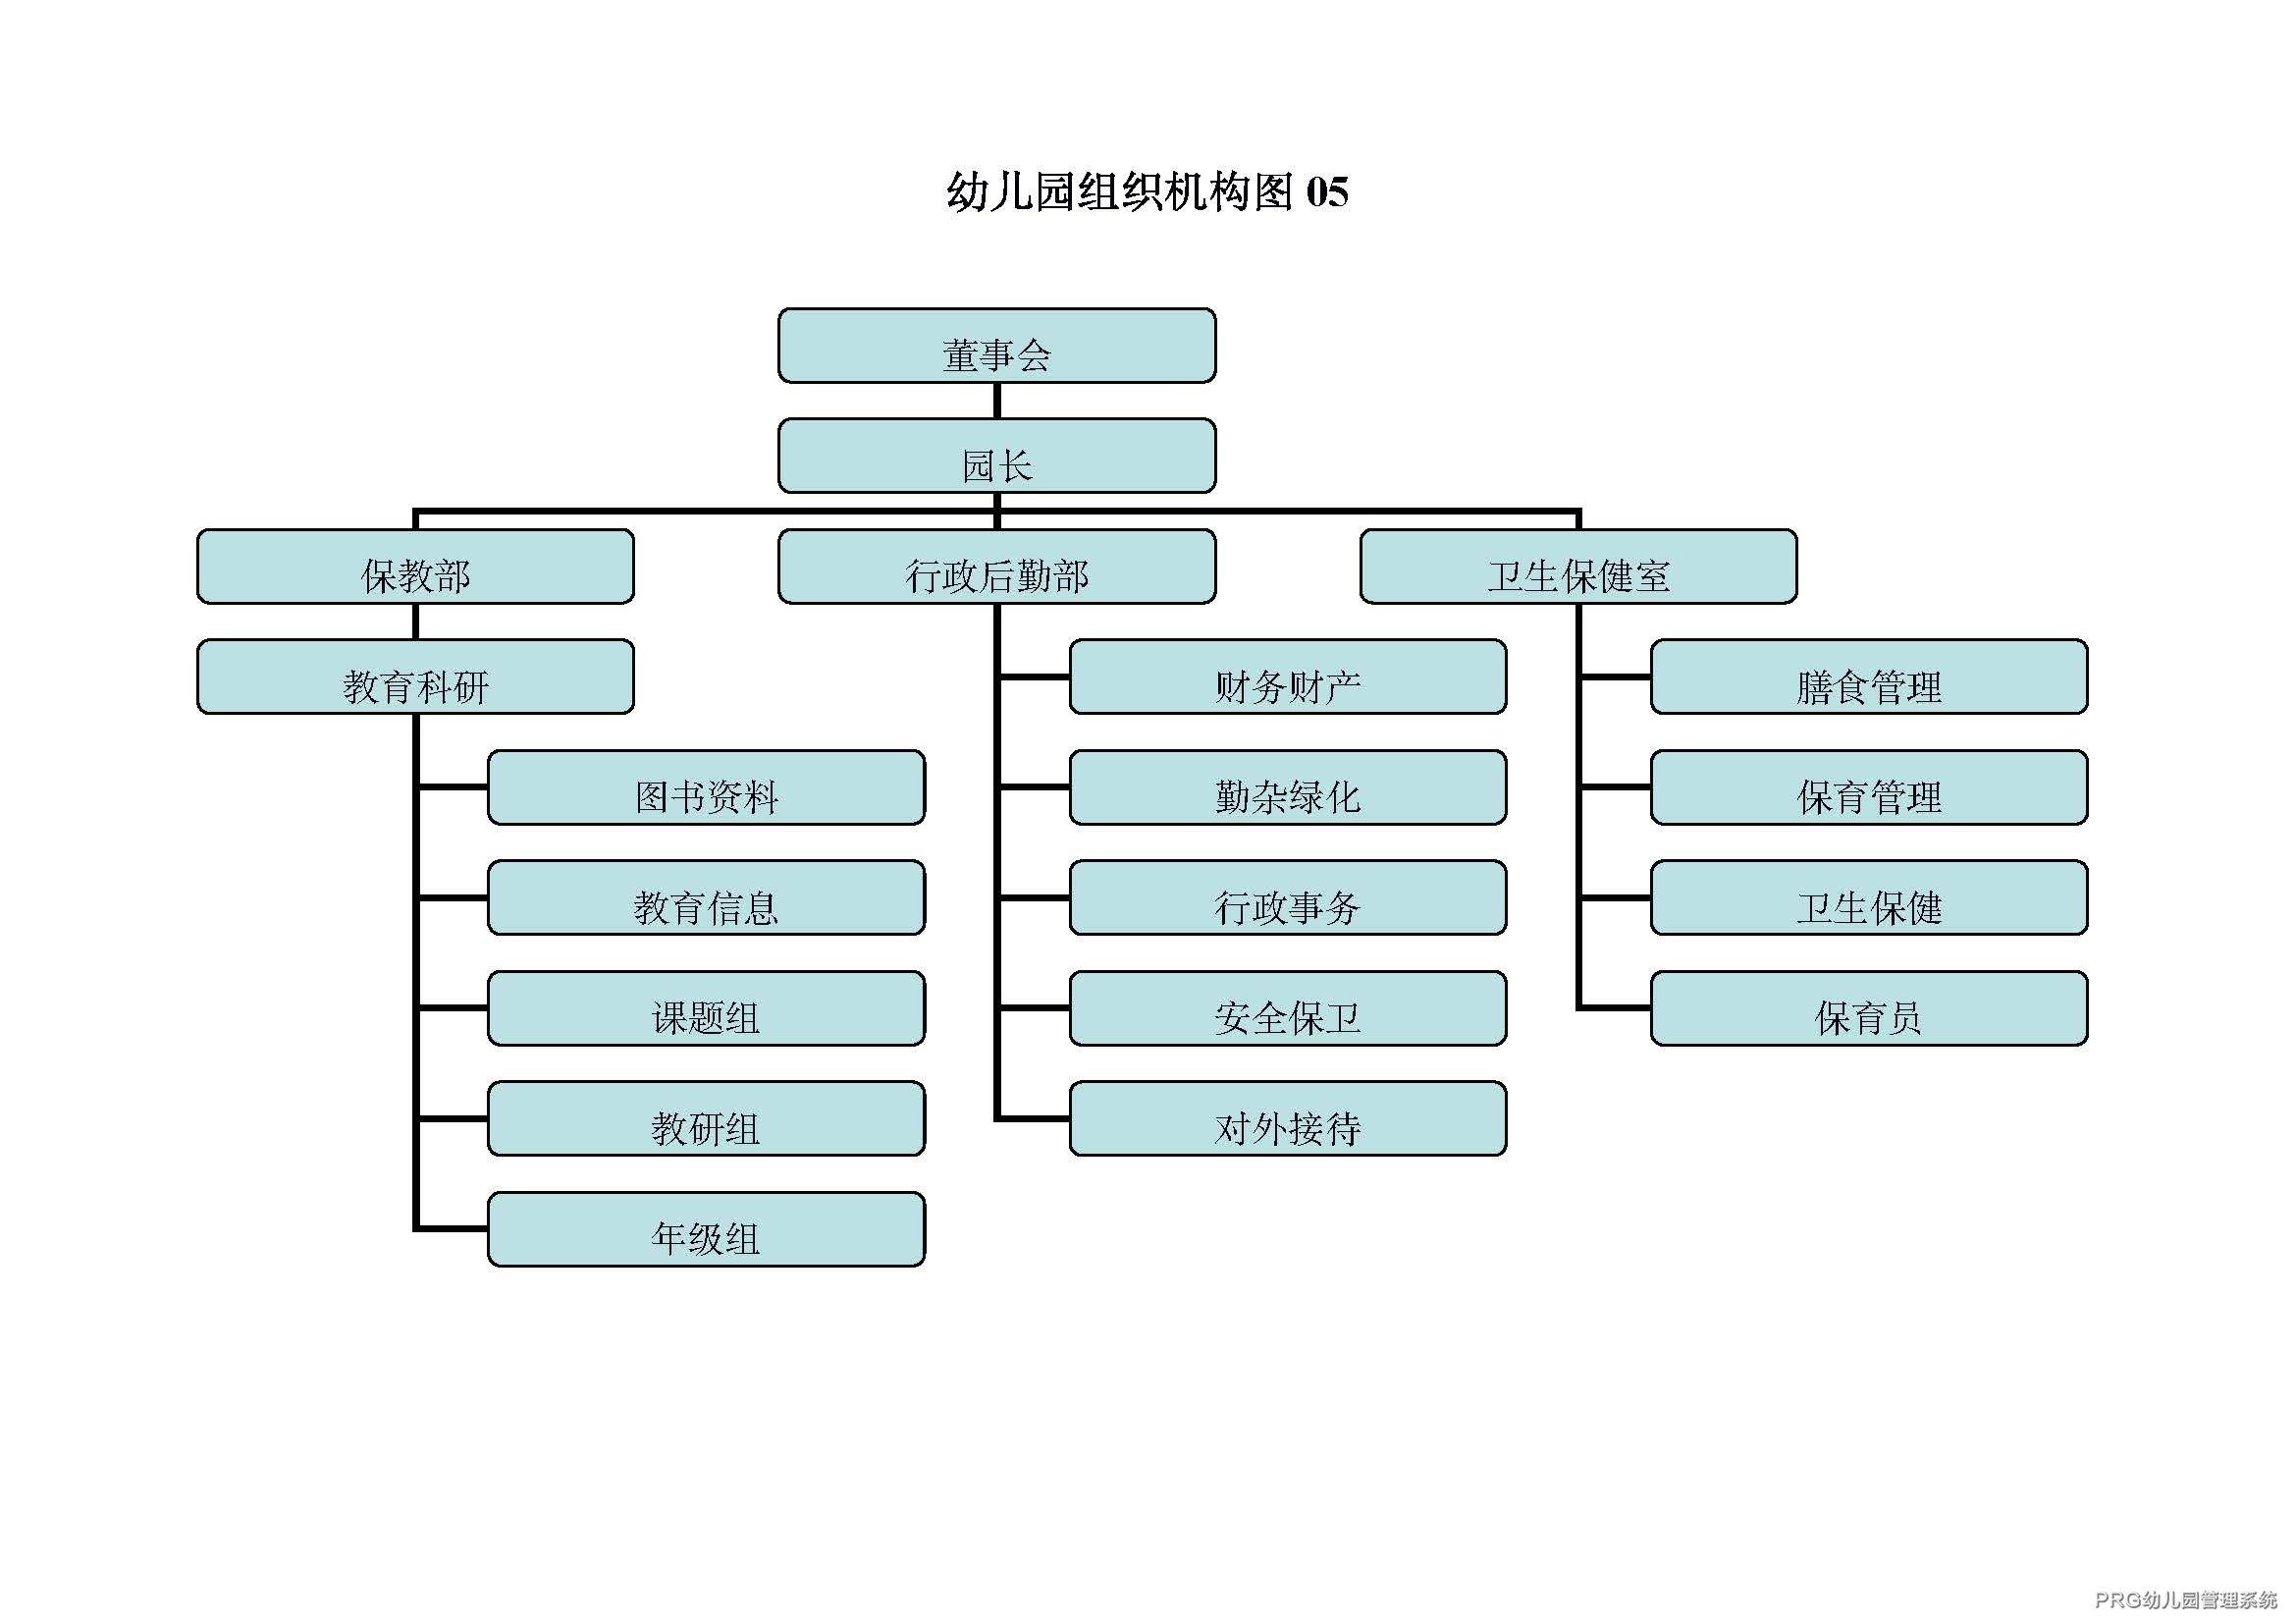 幼儿园管理组织架构图